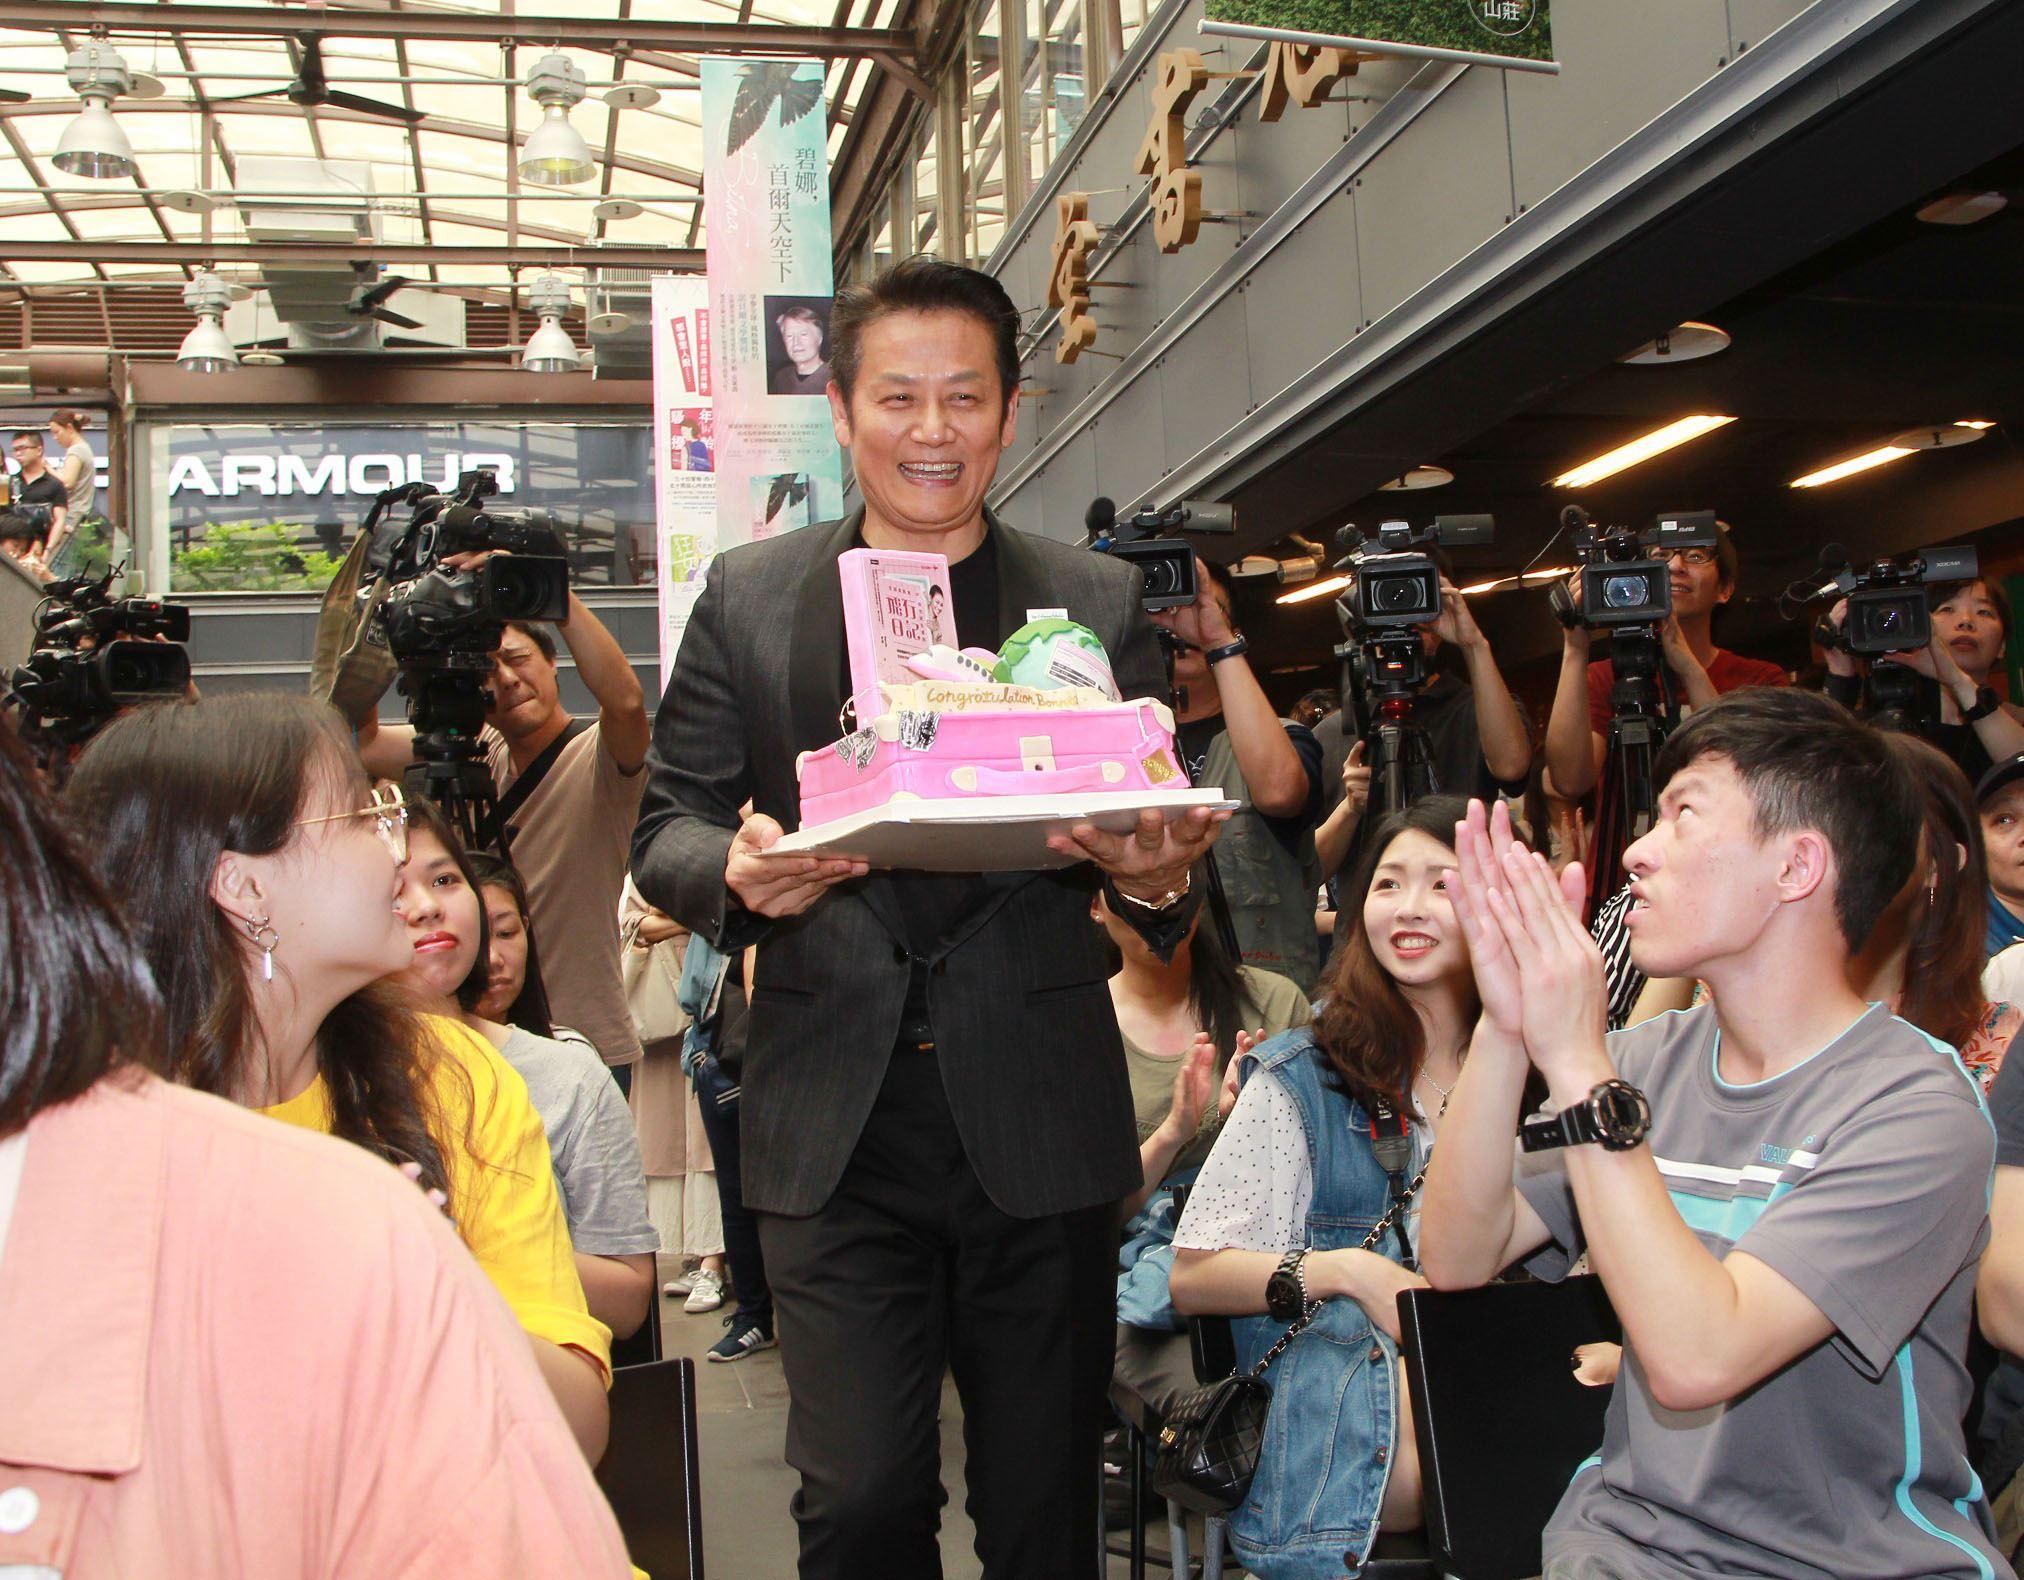 徐乃麟帶著蛋糕為新銳作家阿猷聯空姐邦妮「空服員邦妮從杜拜出發的飛行日記」新書站台。(記者邱榮吉/攝影)